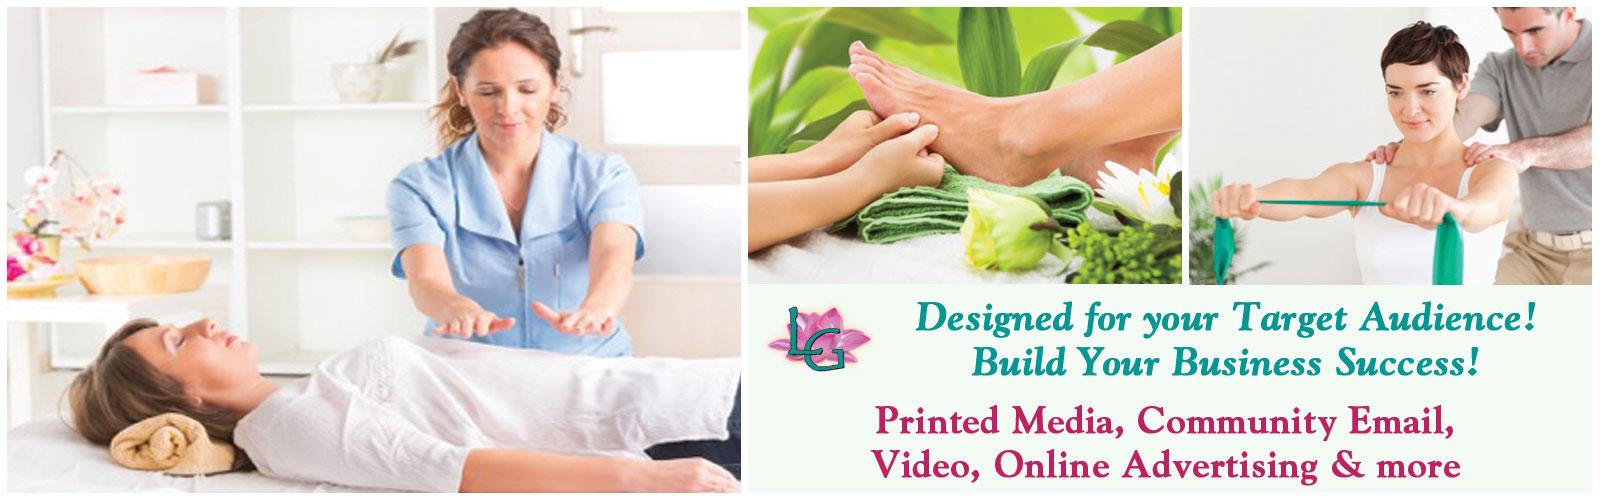 Lotus Guide Advertisement